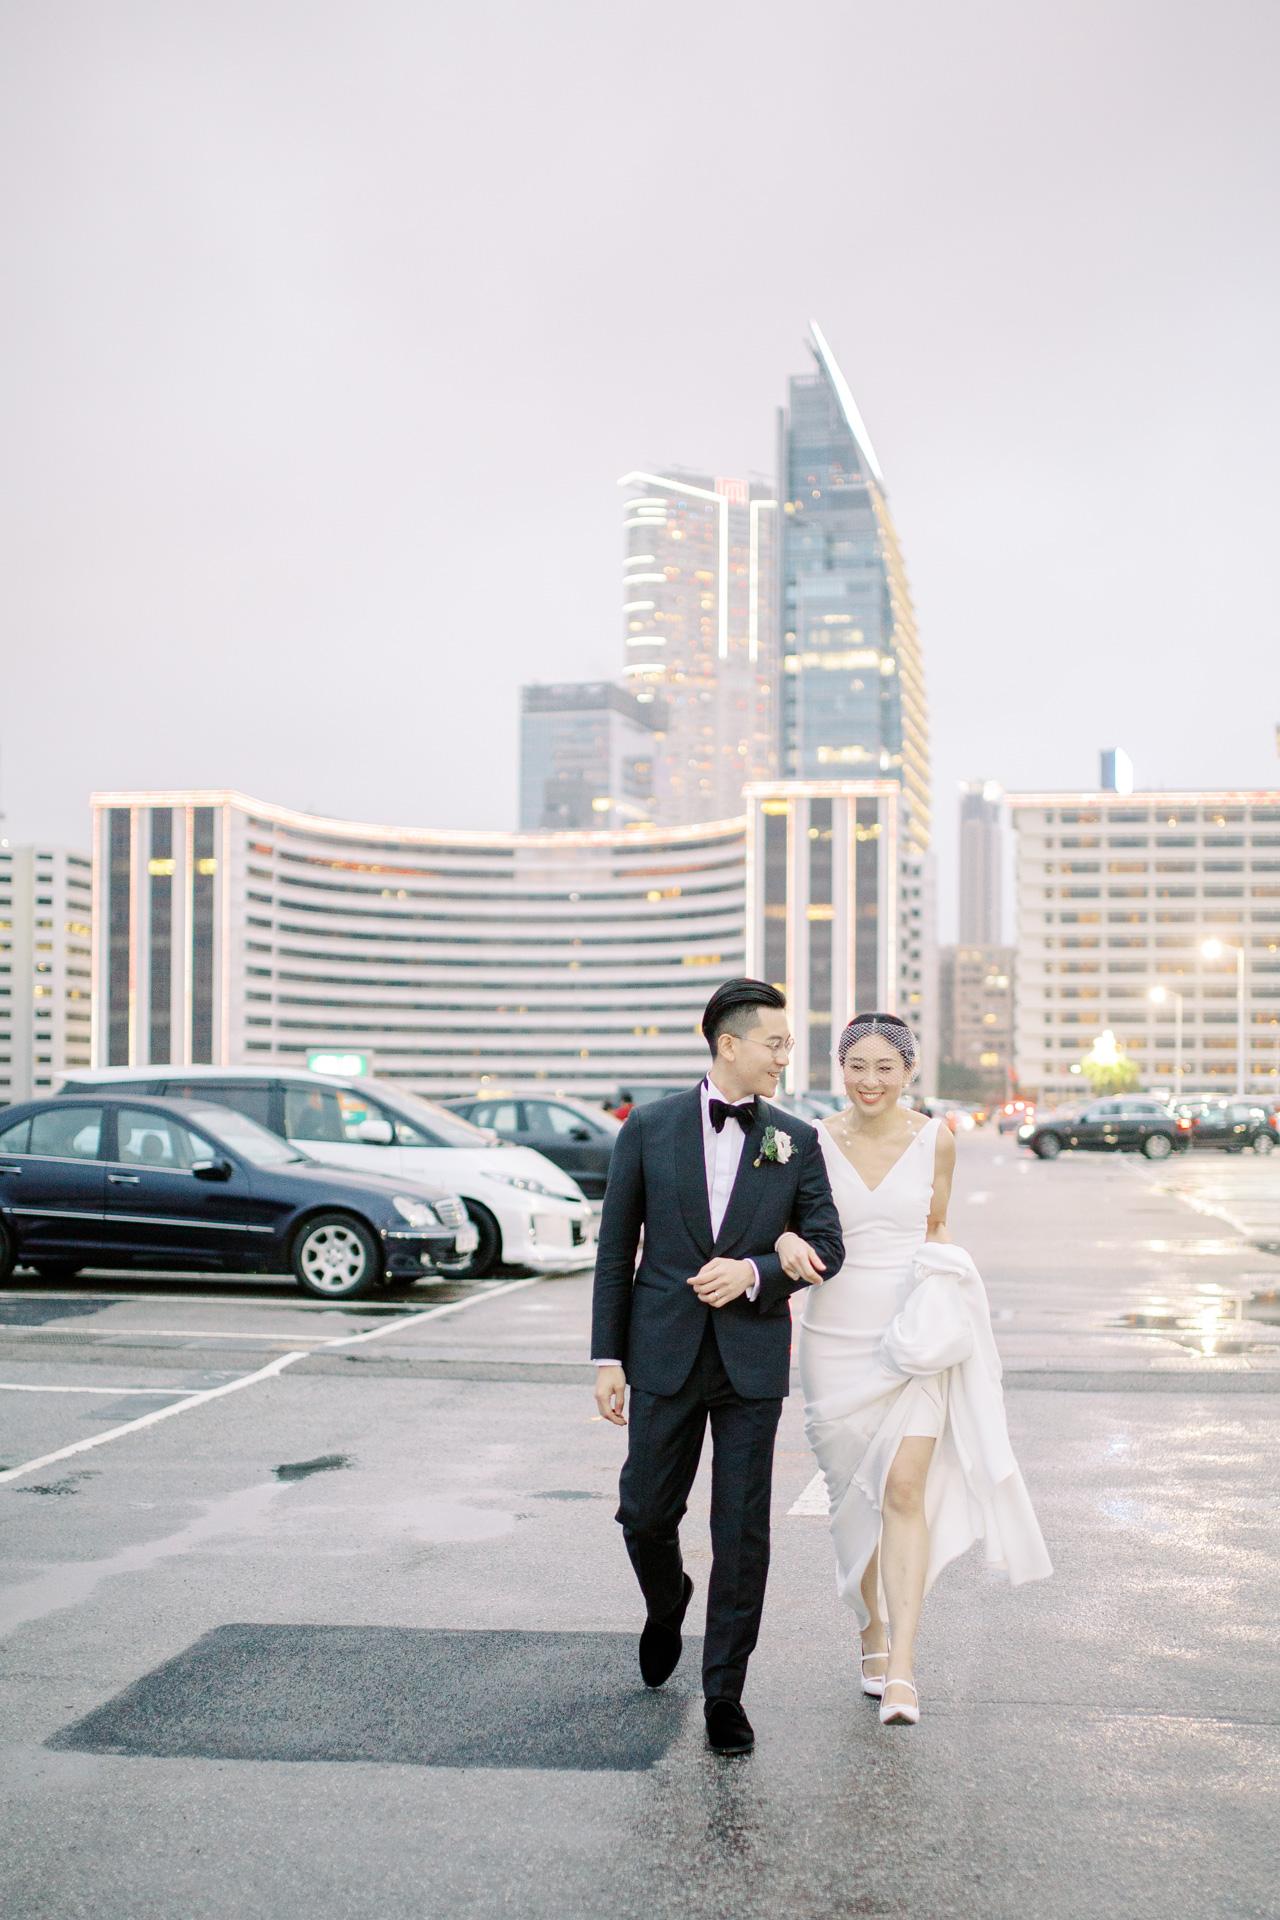 nikkiloveu-hongkong-wedding-day-hexa-ant-cat-lauhaus-034.jpg